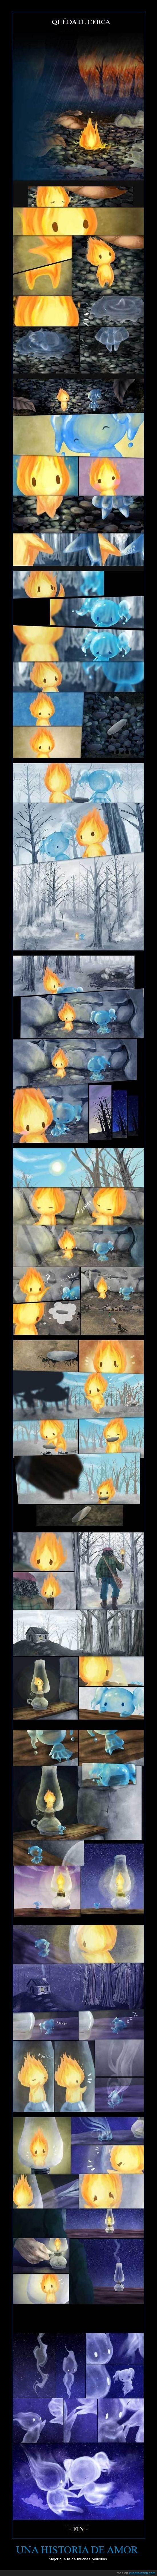 agua,amor,fuego,historia